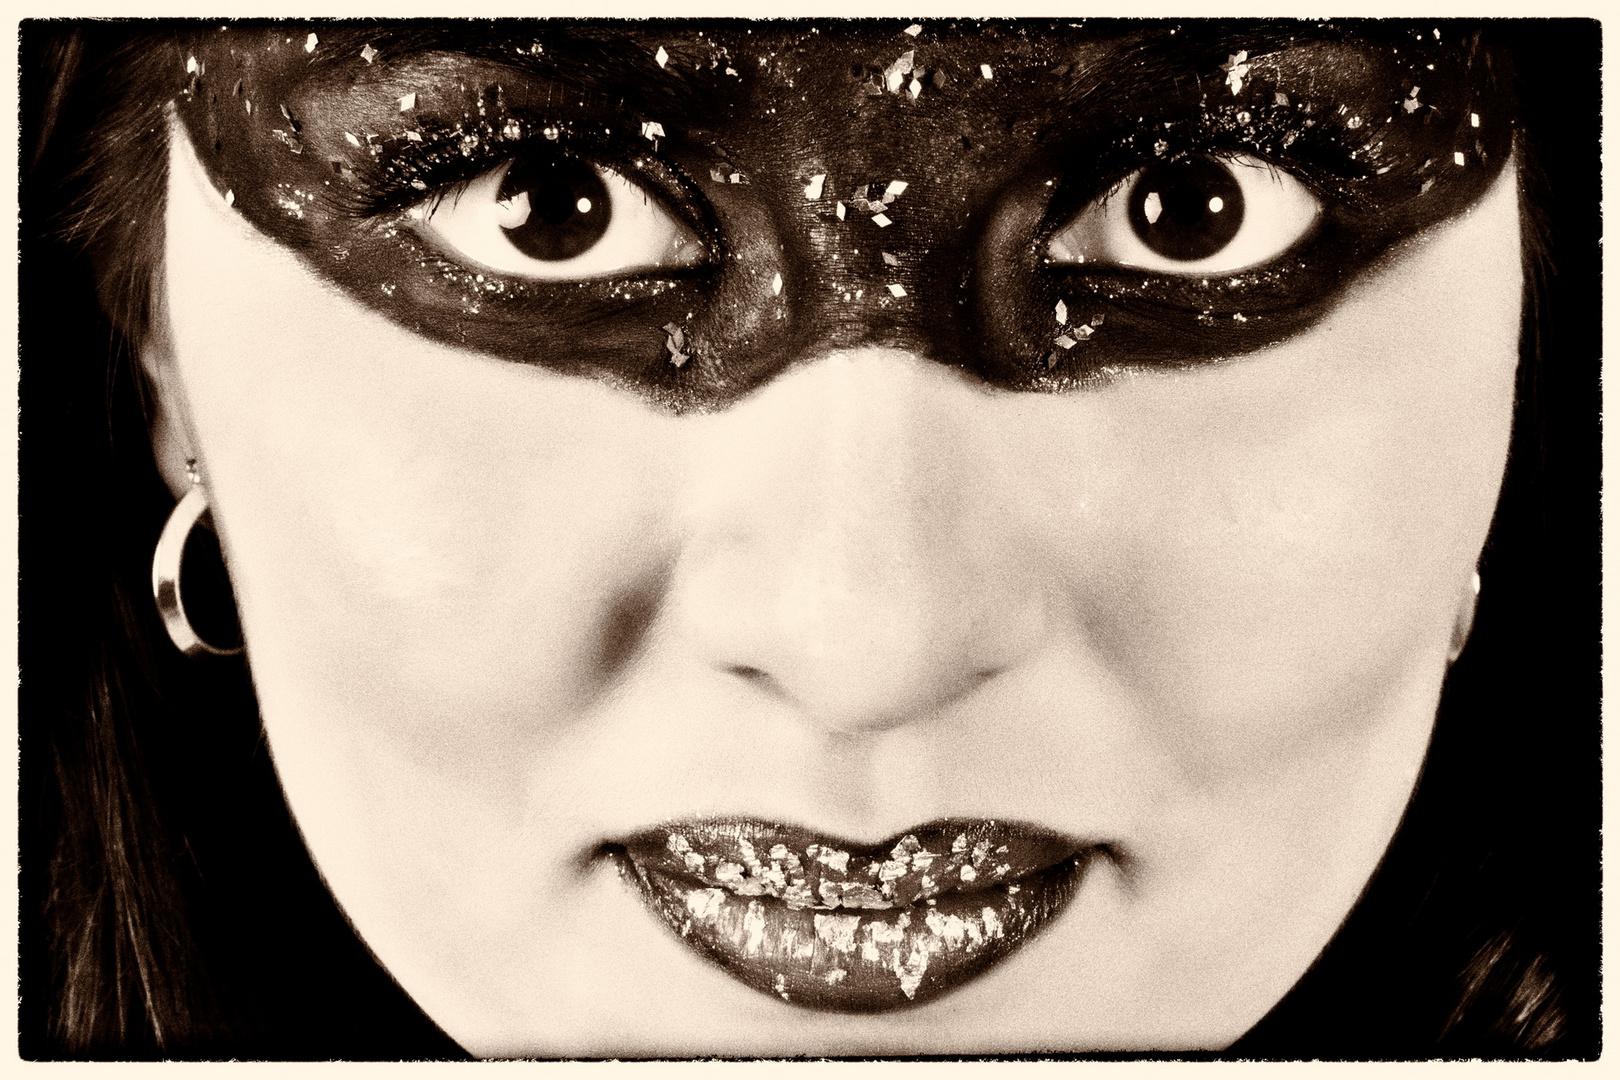 die Maske sepia